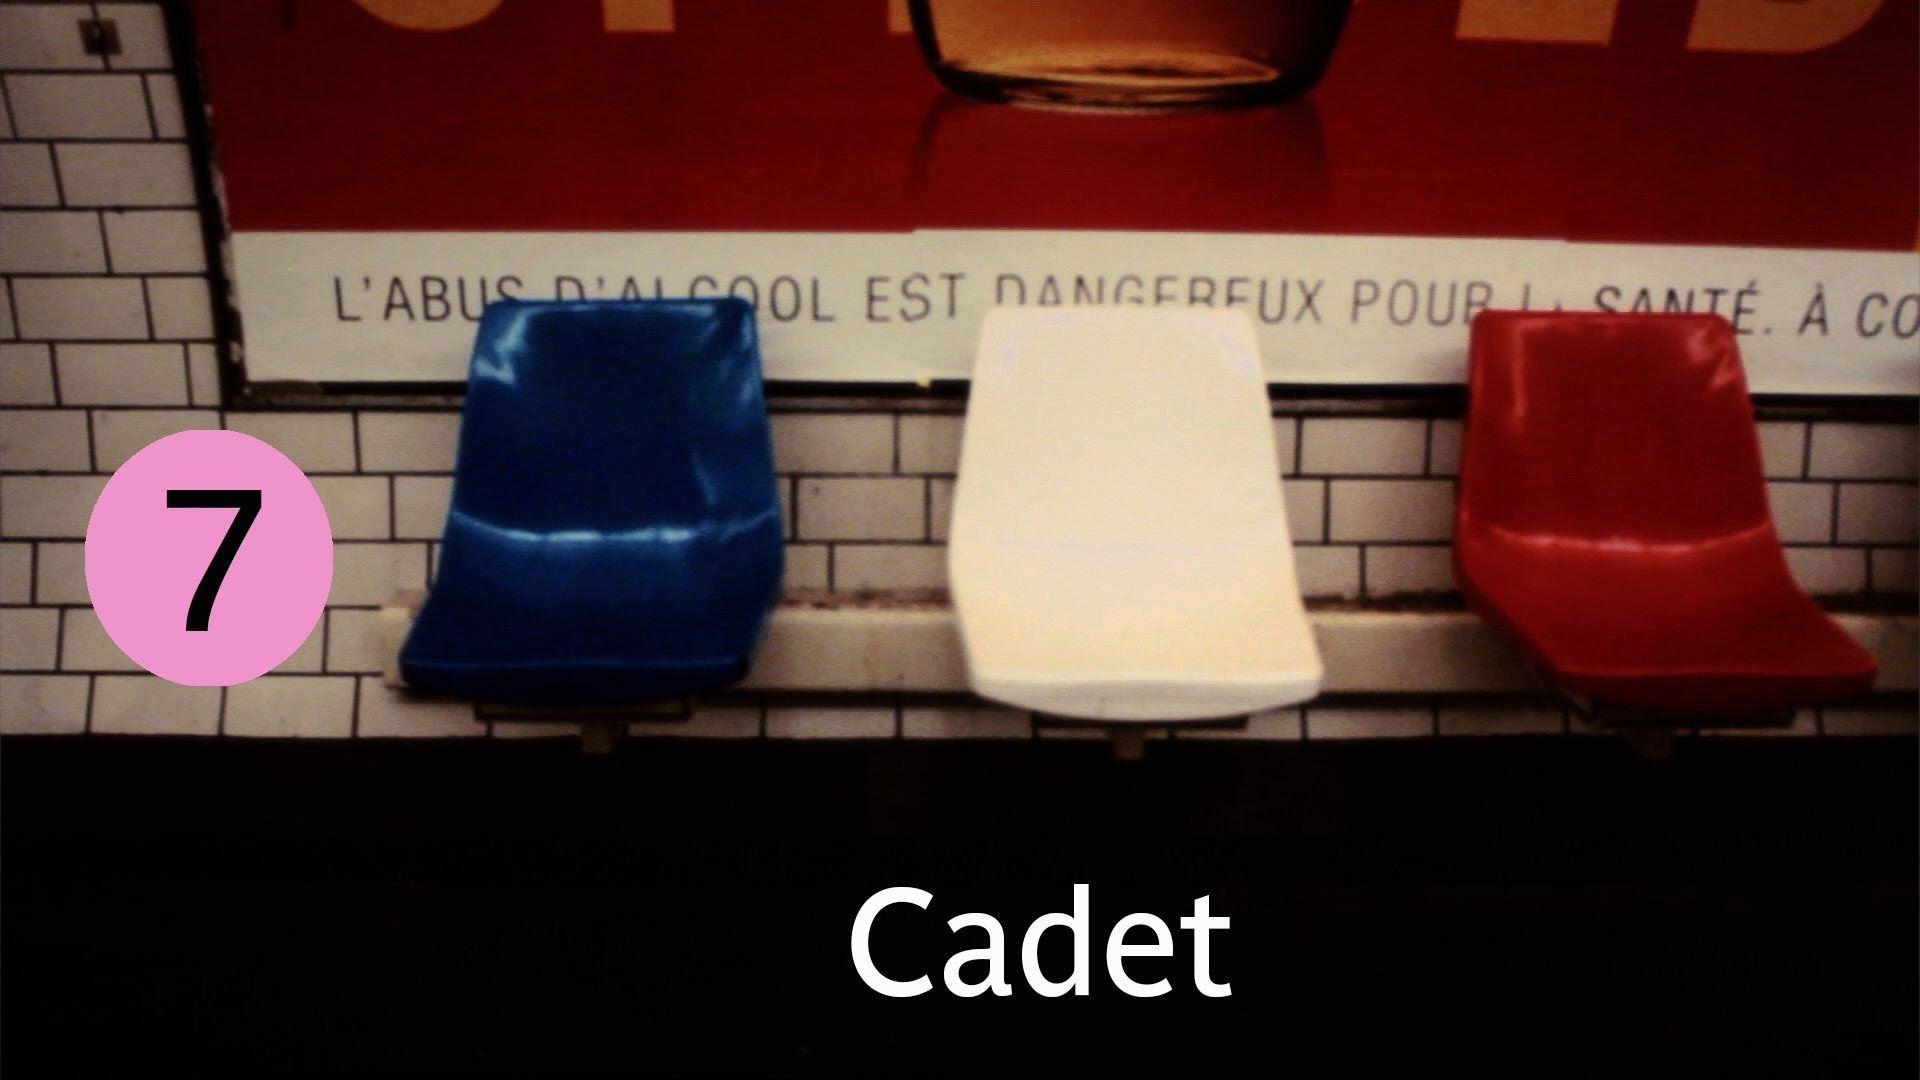 #Paris by Métro -  155 Cadet